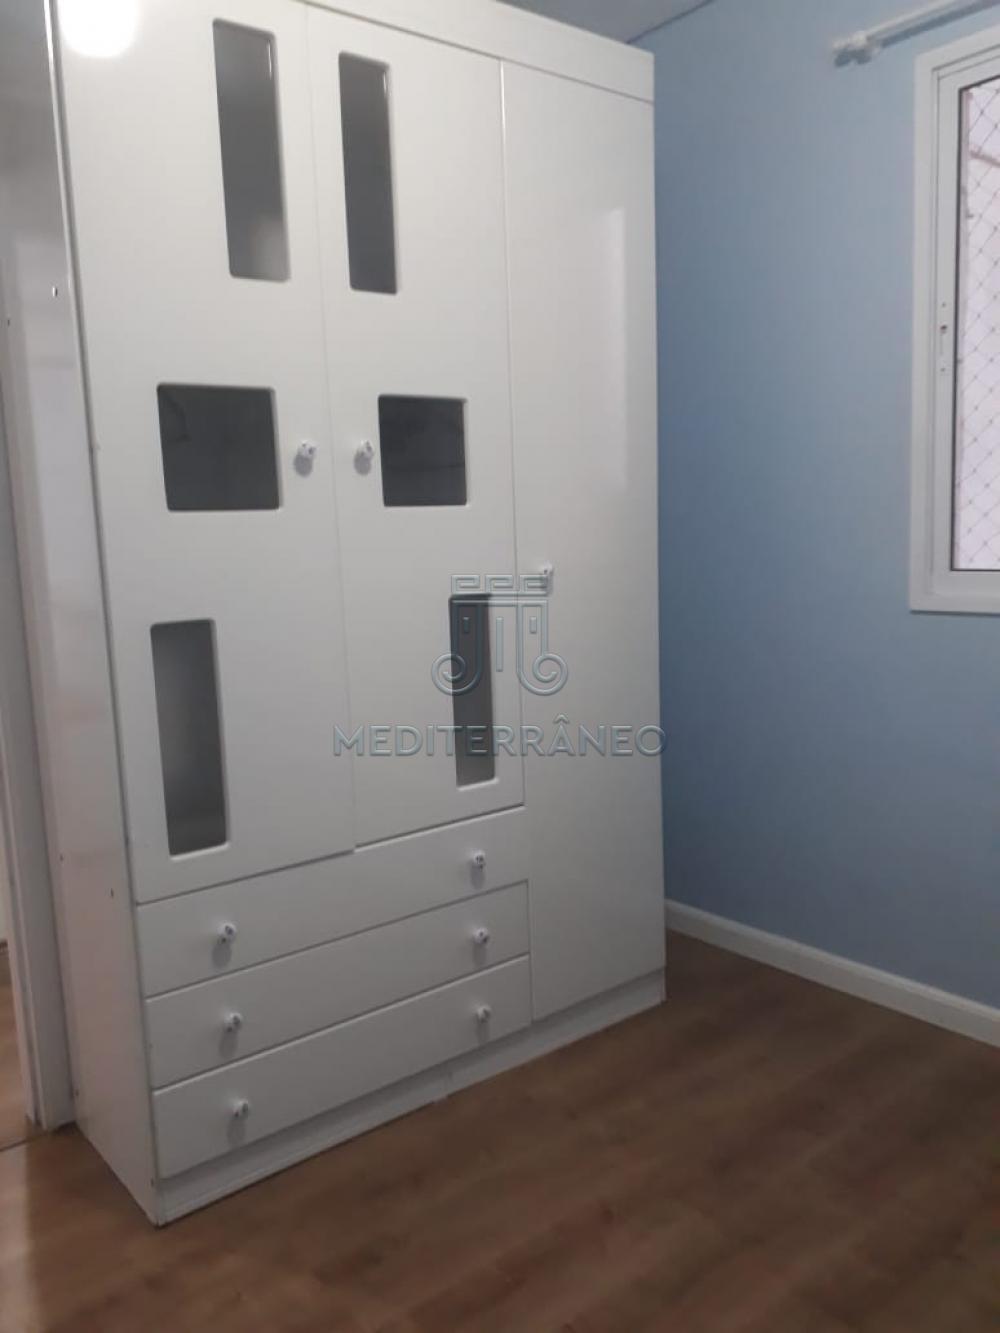 Alugar Apartamento / Padrão em Jundiaí apenas R$ 2.600,00 - Foto 7